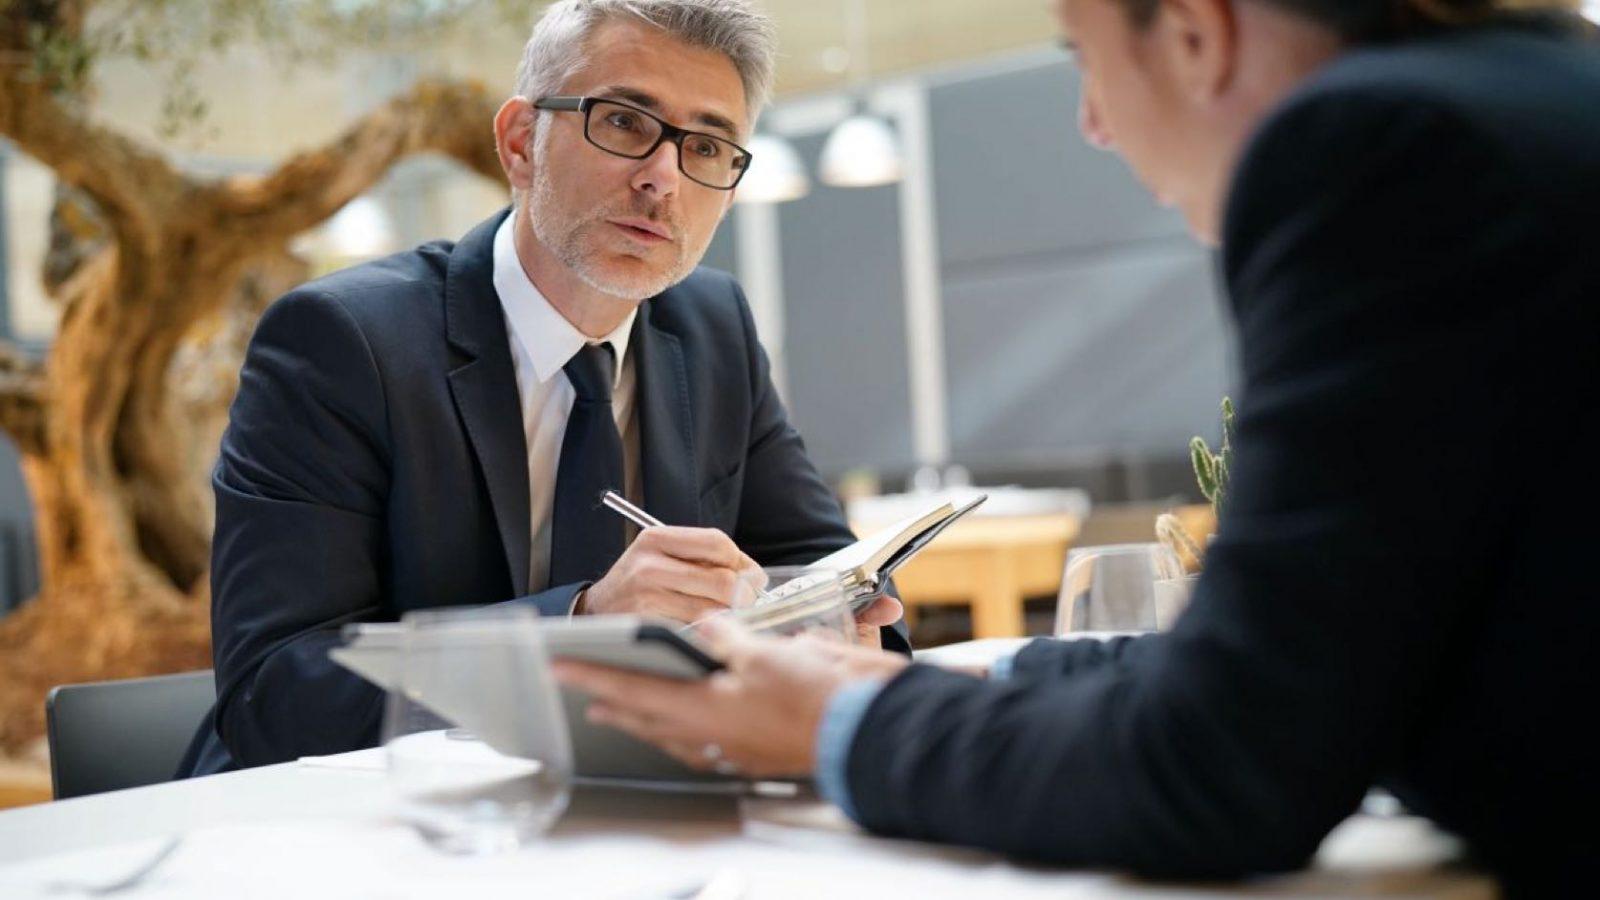 Två personer i kostym som diskuterar och antecknar vid ett bord